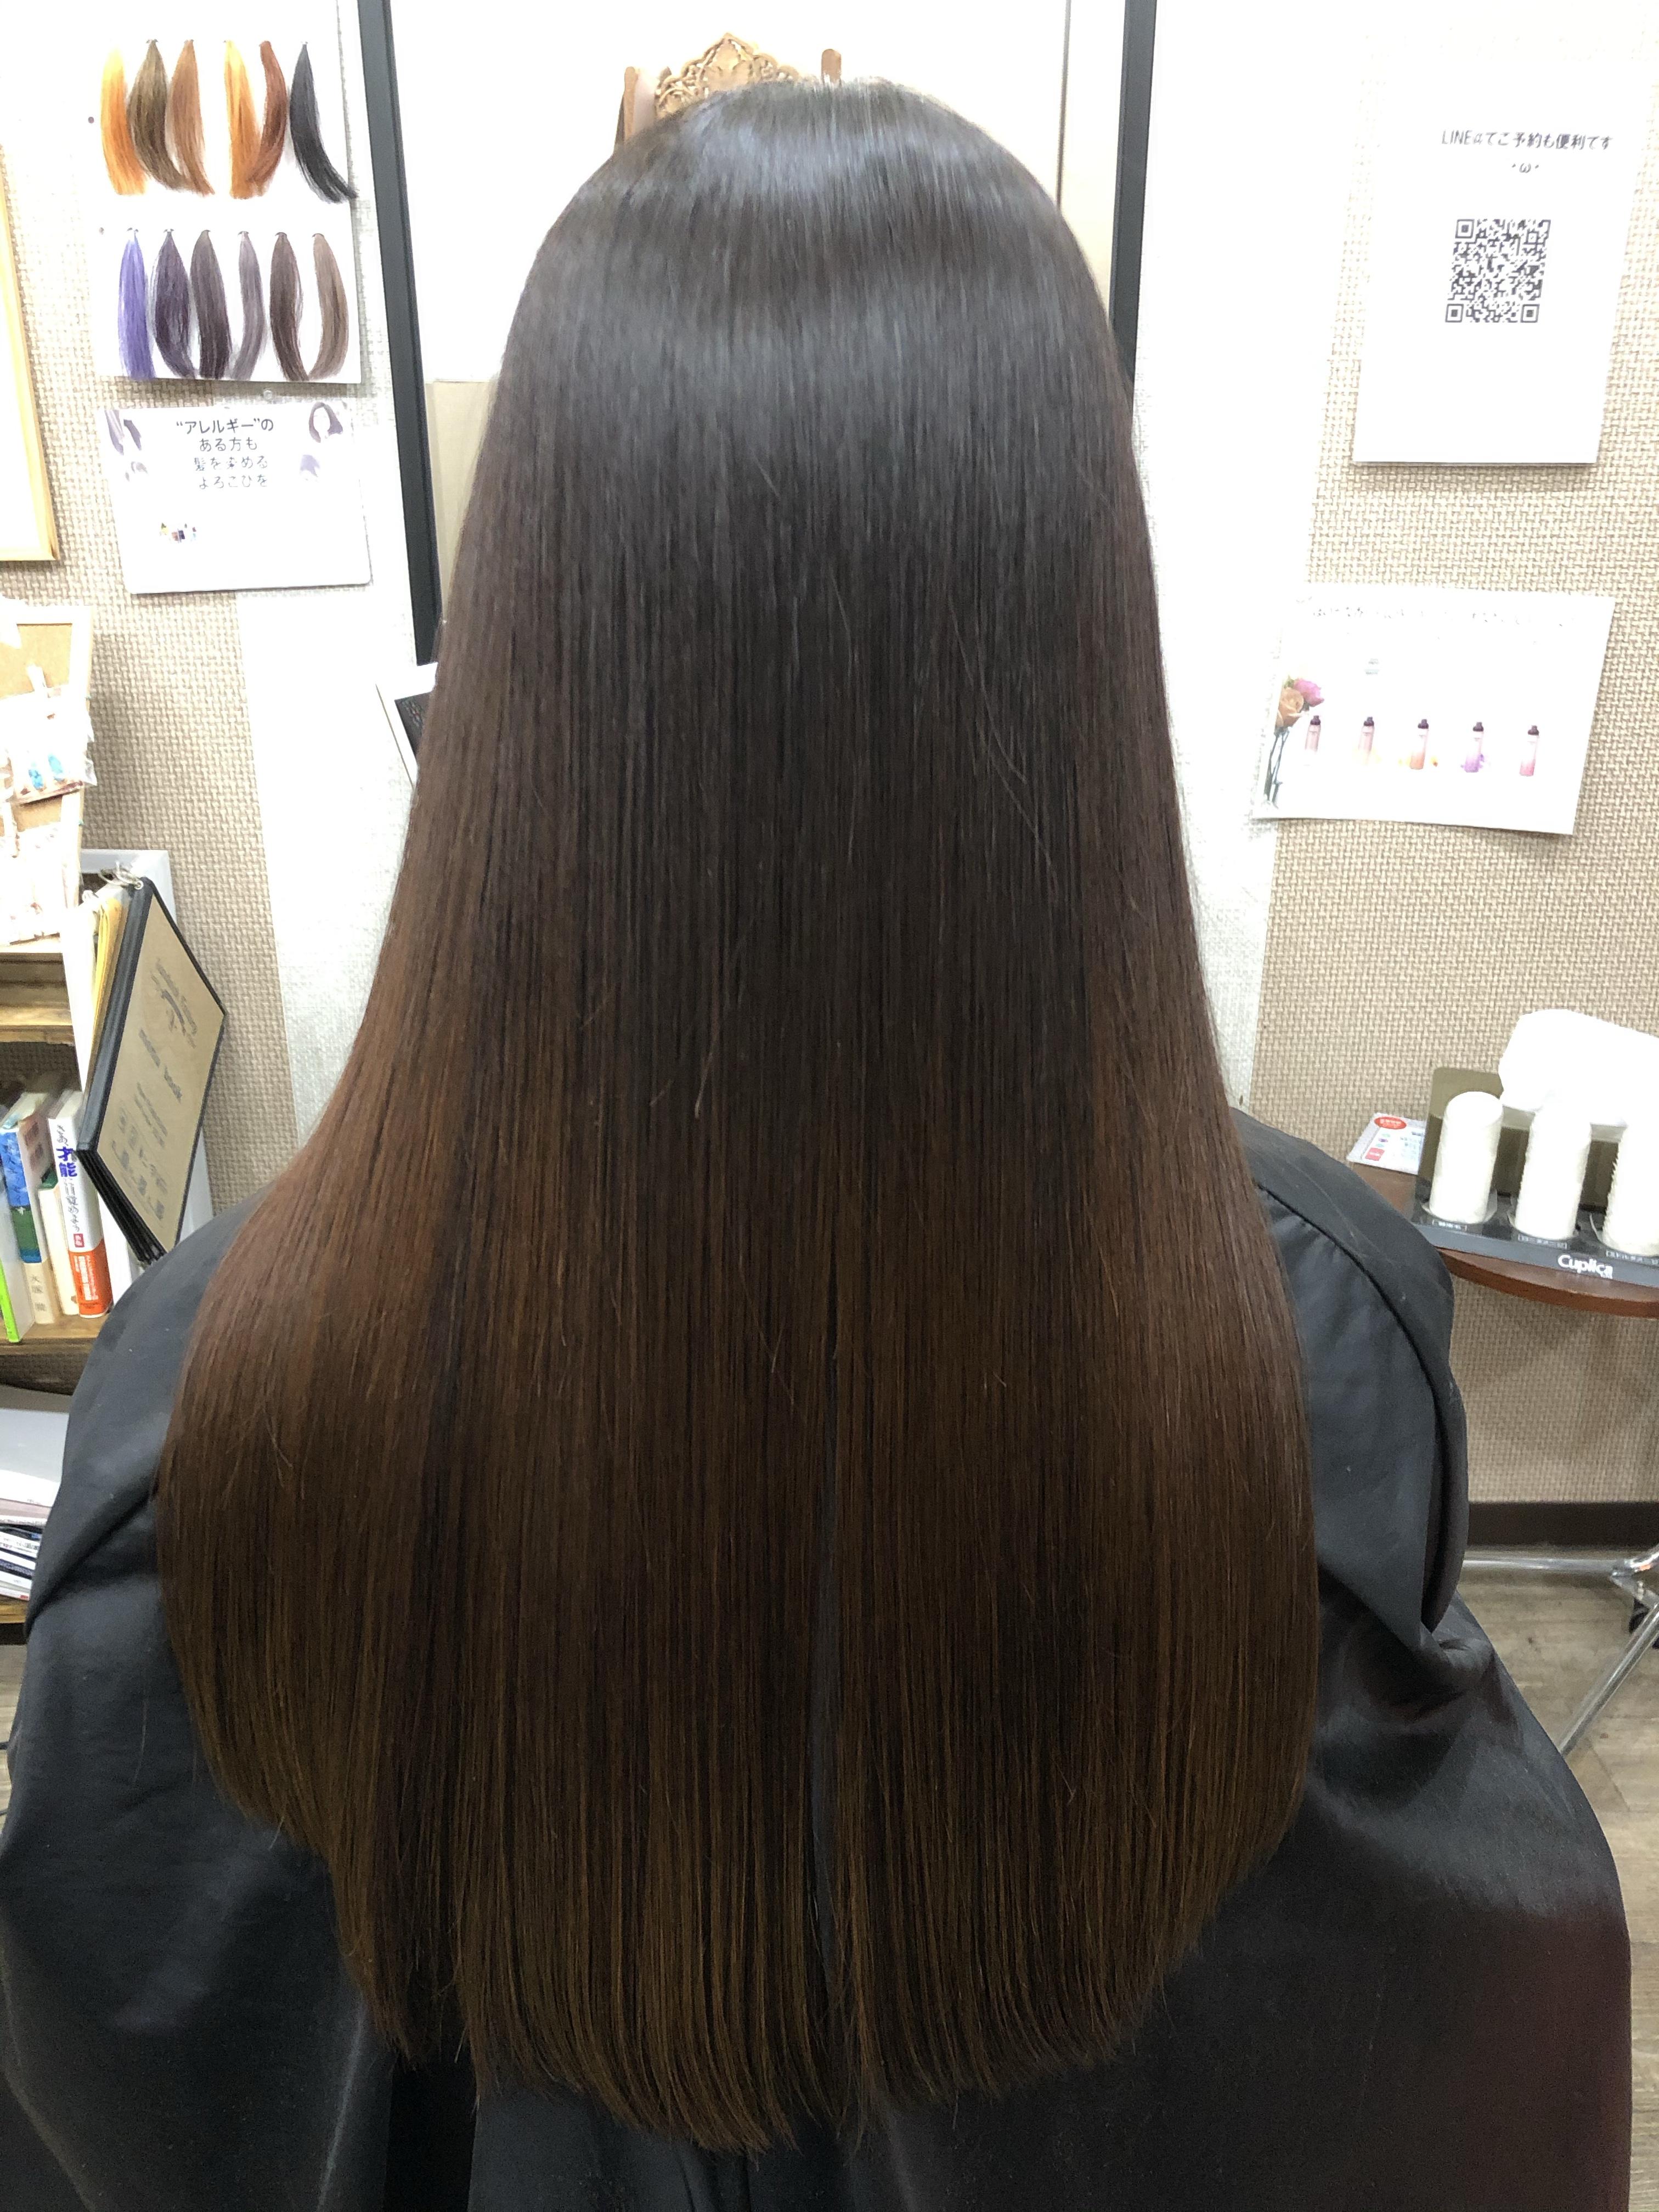 上尾市で天然ヘナで髪質改善ヘアエステができる美容室